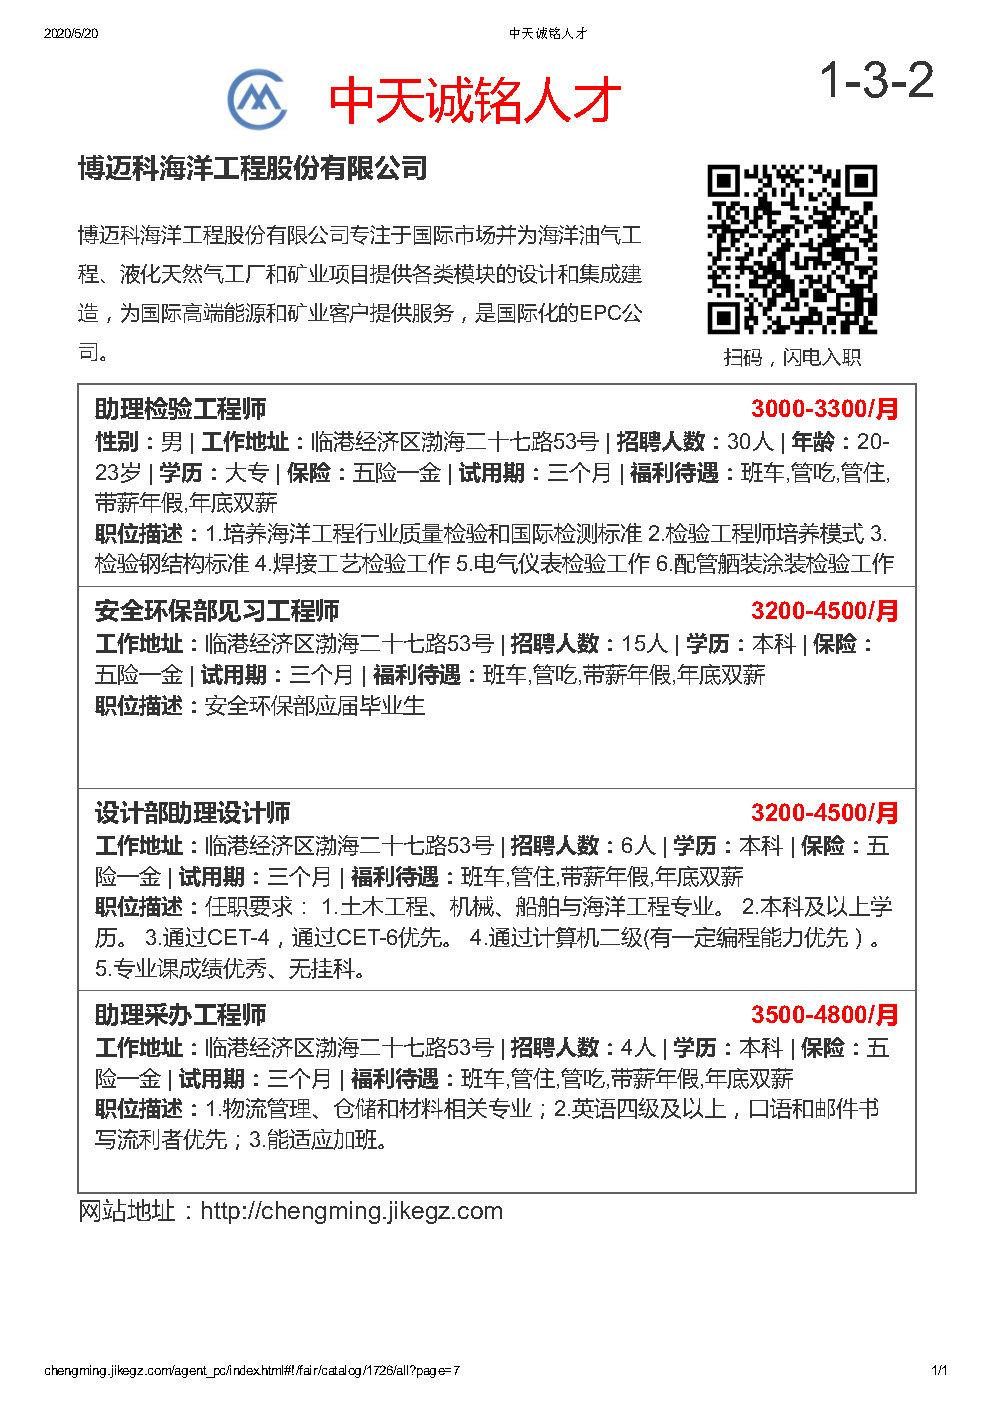 博迈科海洋工程股份有限公司.jpg